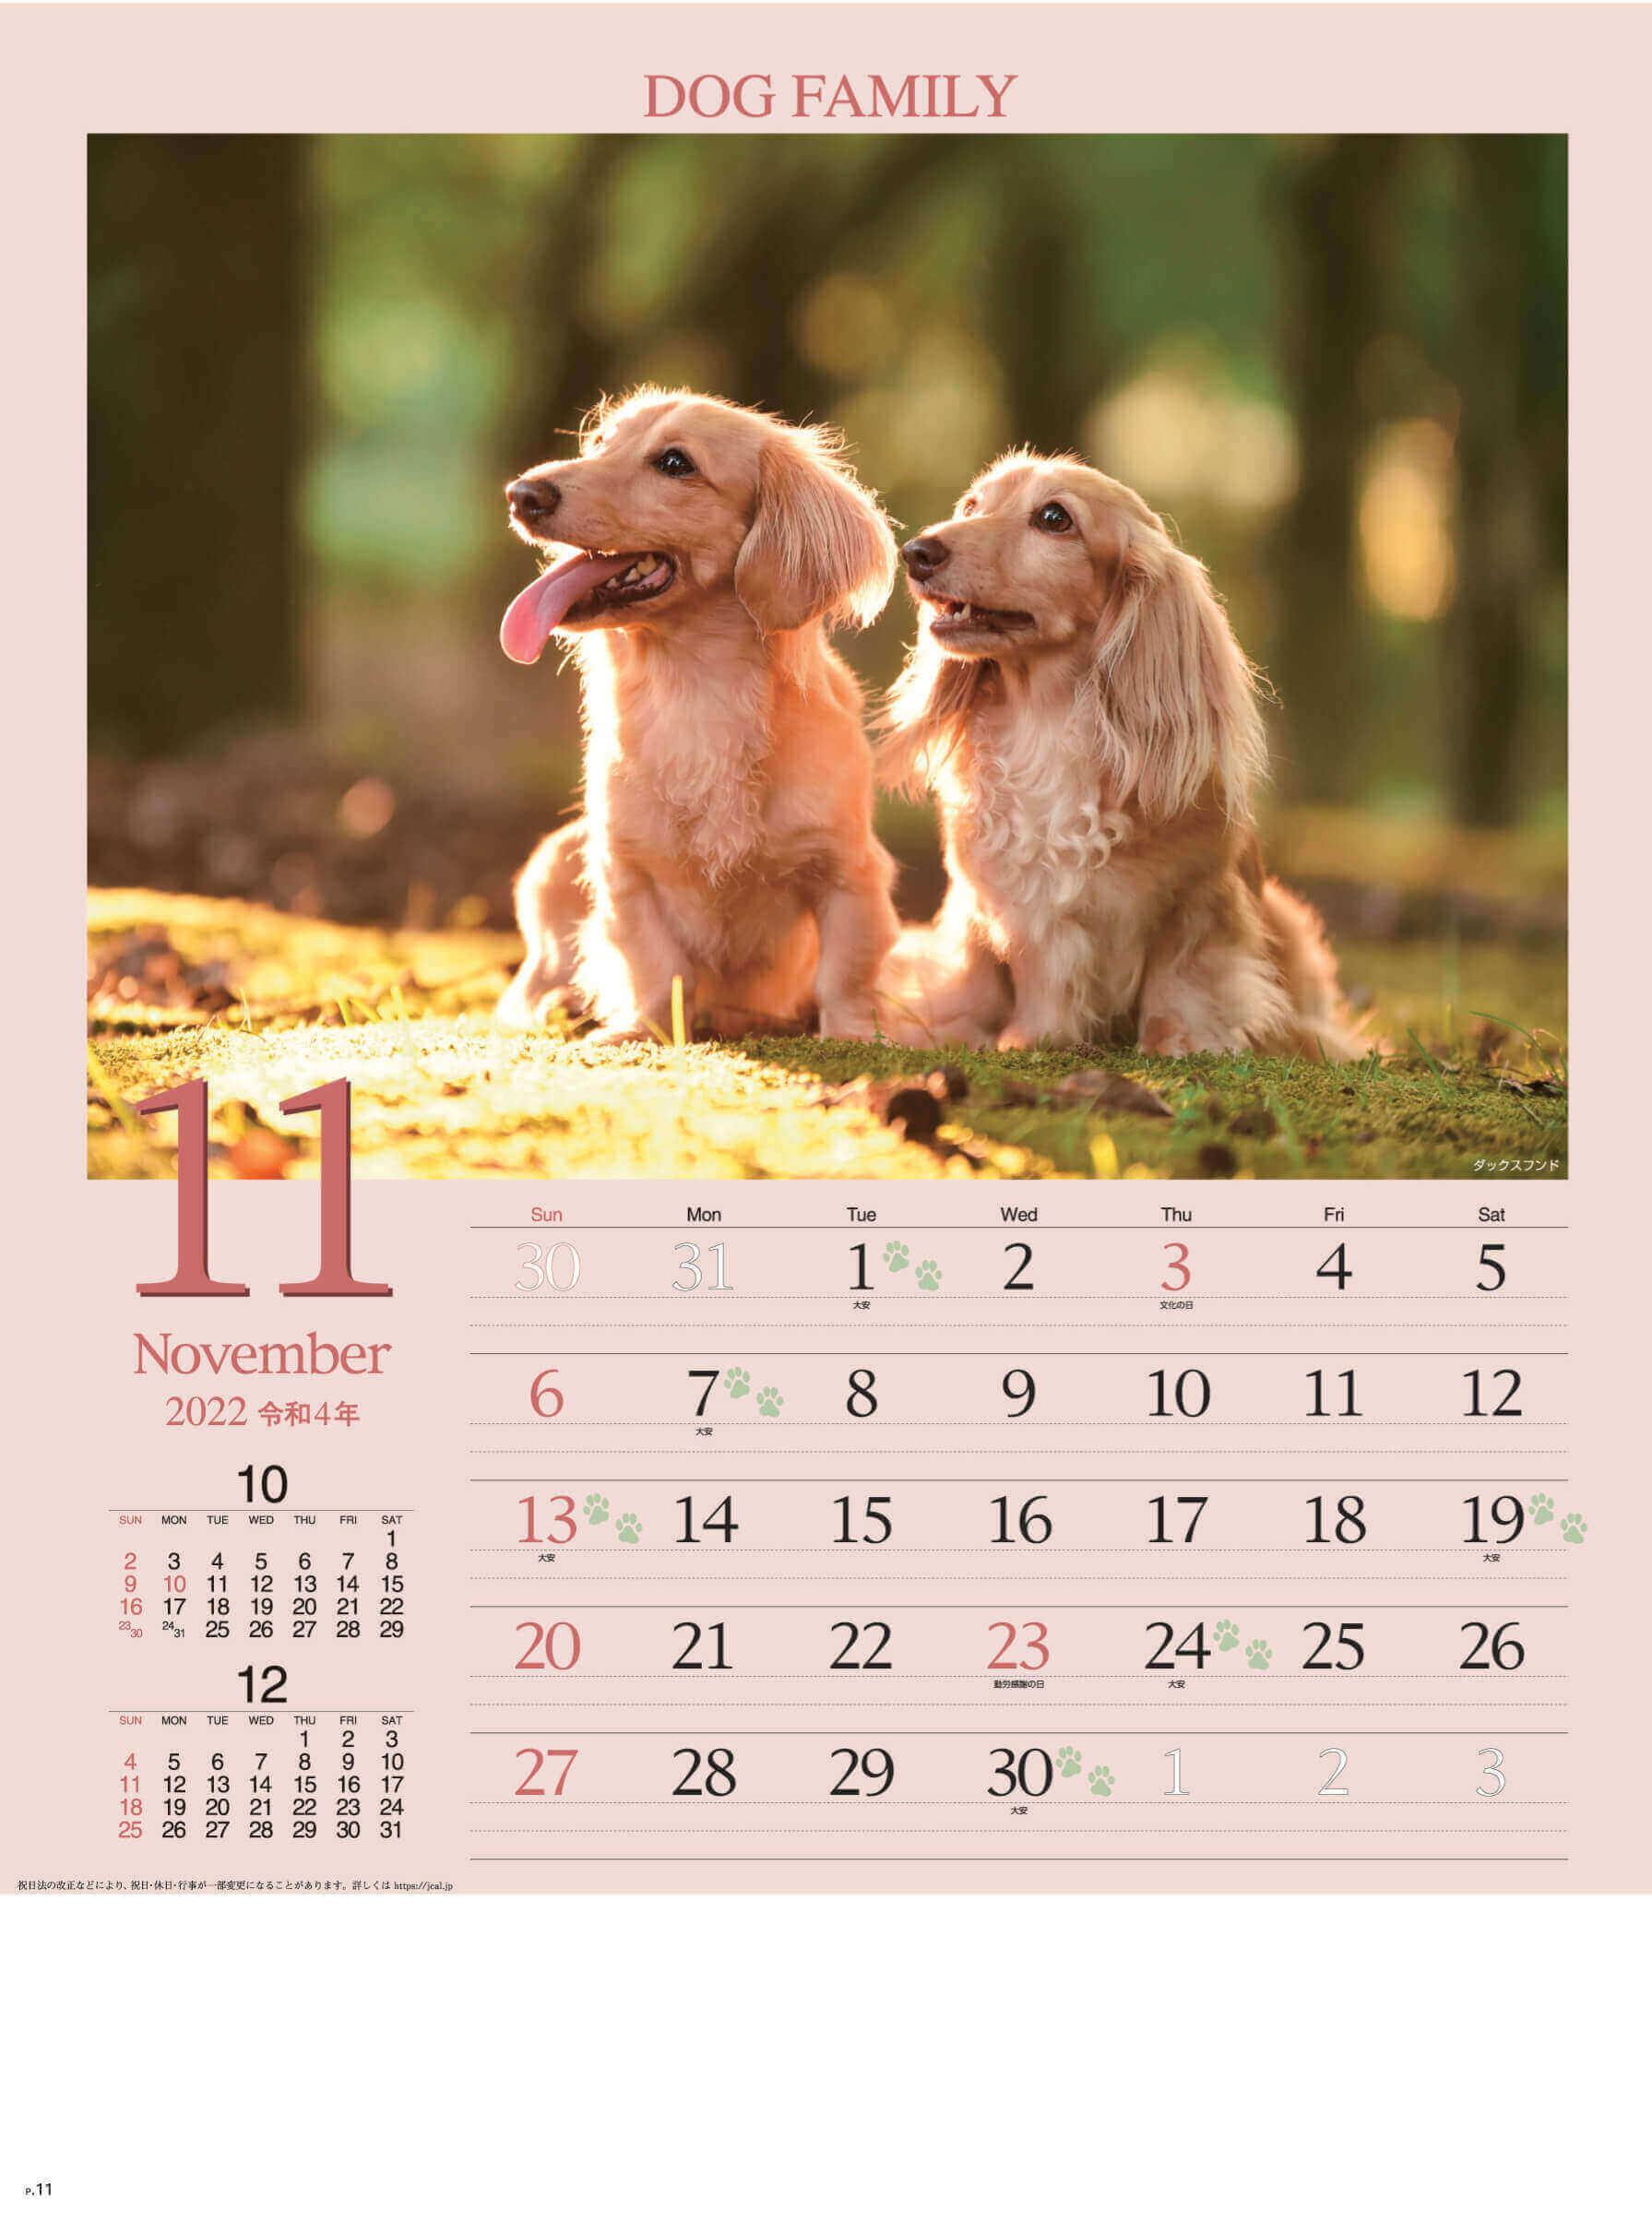 11月 ダックスフンド ドッグファミリー 2022年カレンダーの画像